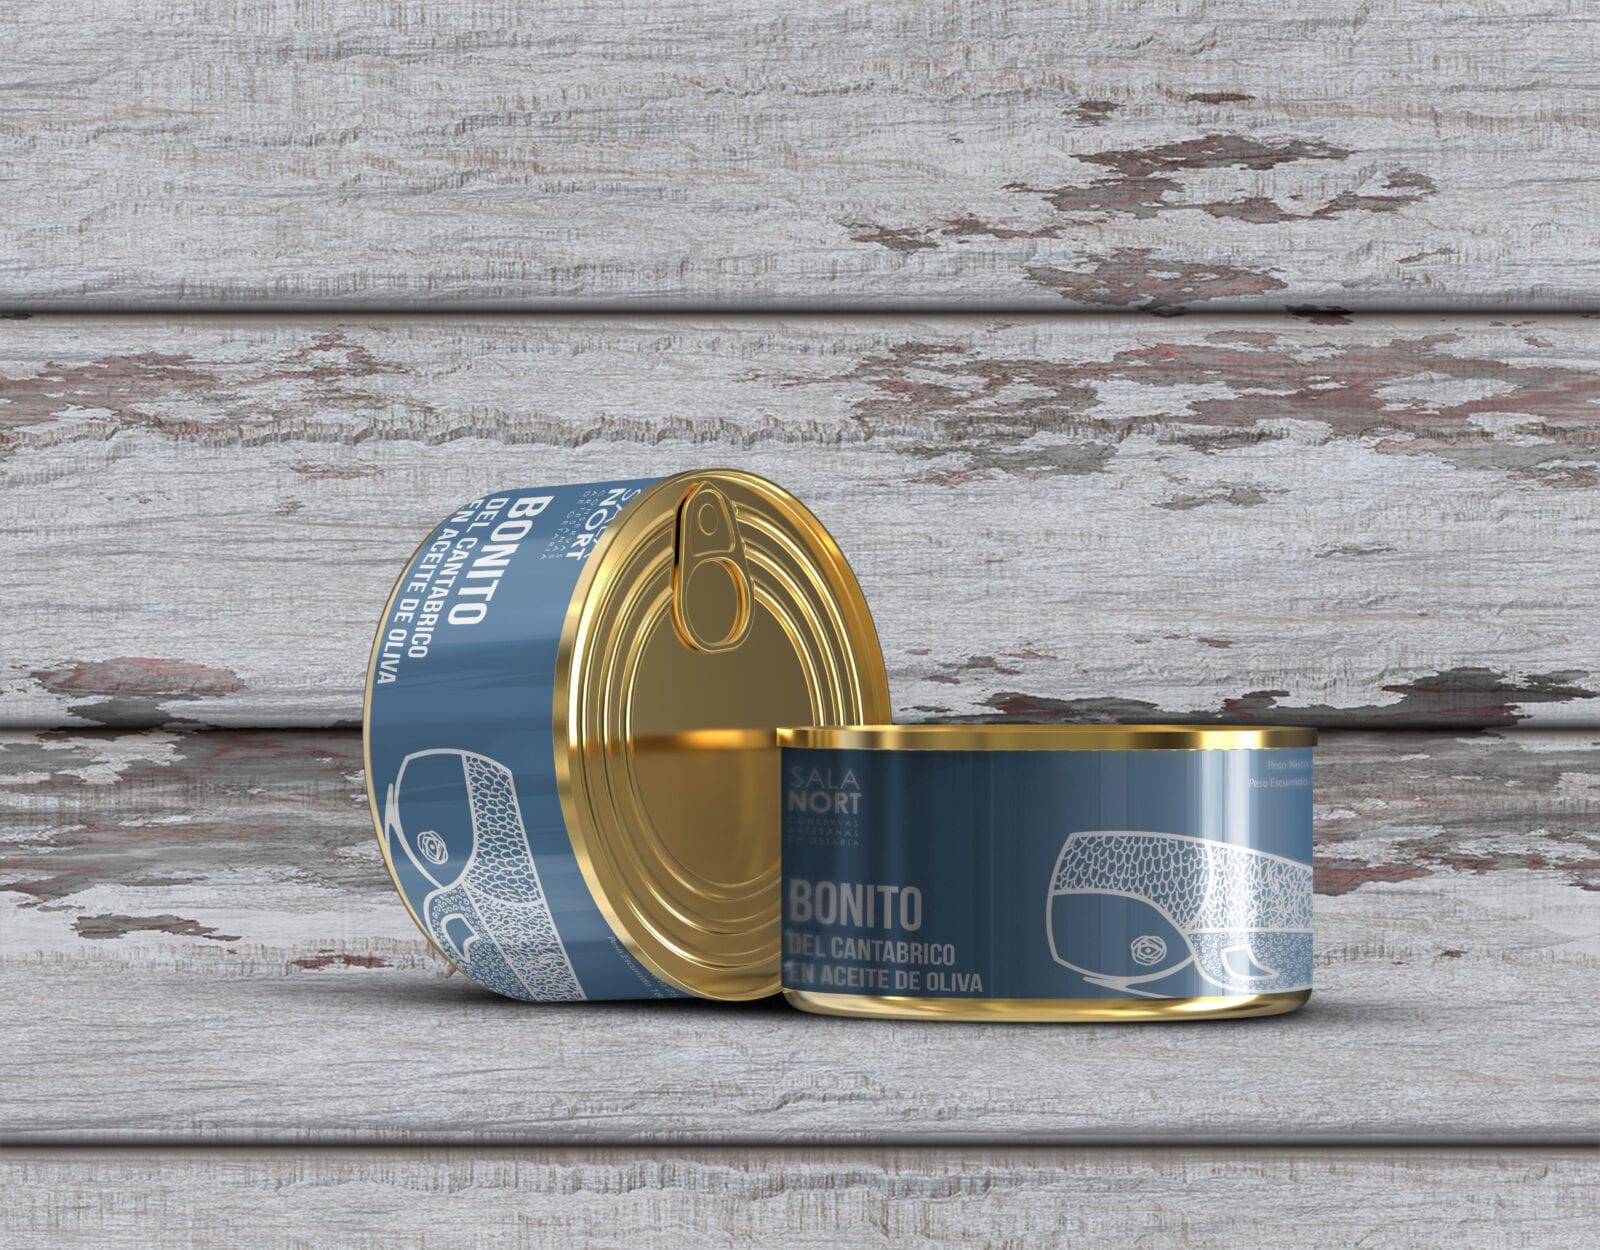 diseño de packaging la factoria grafica, diseño de envases para conservas y alimentación gourmet la factoria grafica